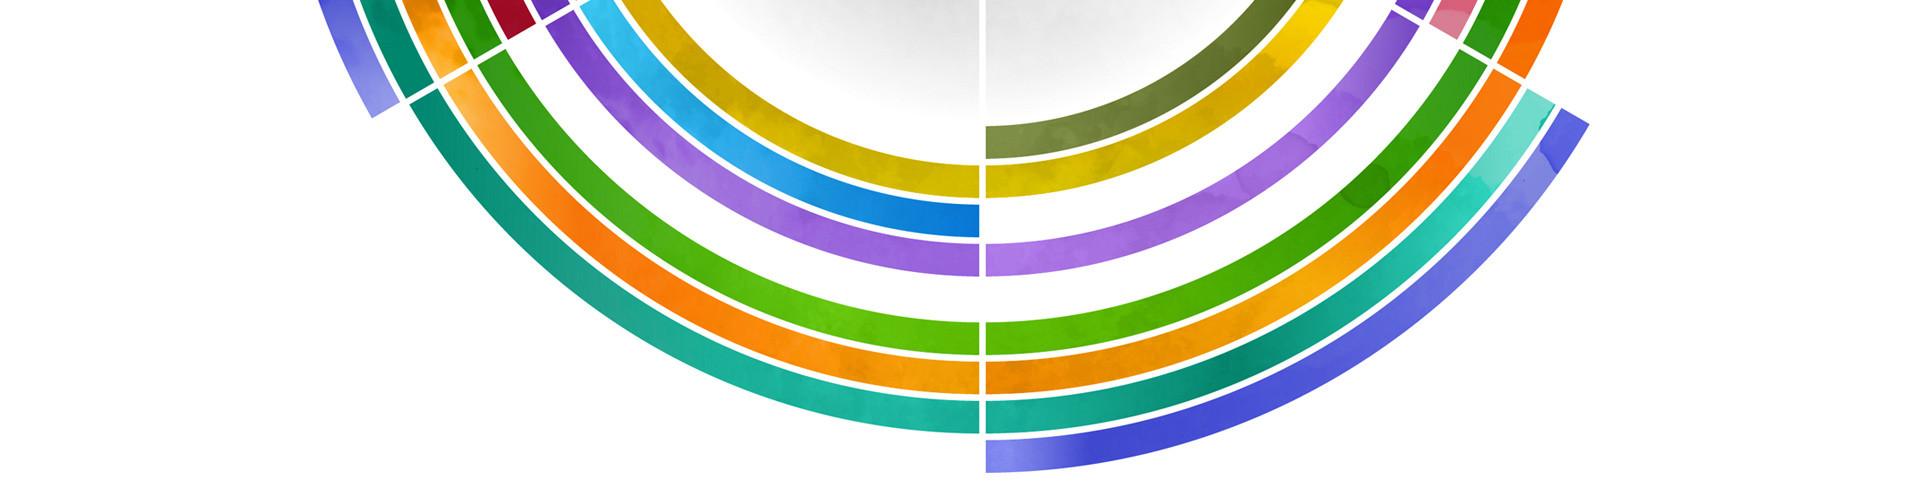 värikäs pyöreä kuva, joka havainnollistaa kuutta ulottuvuutta